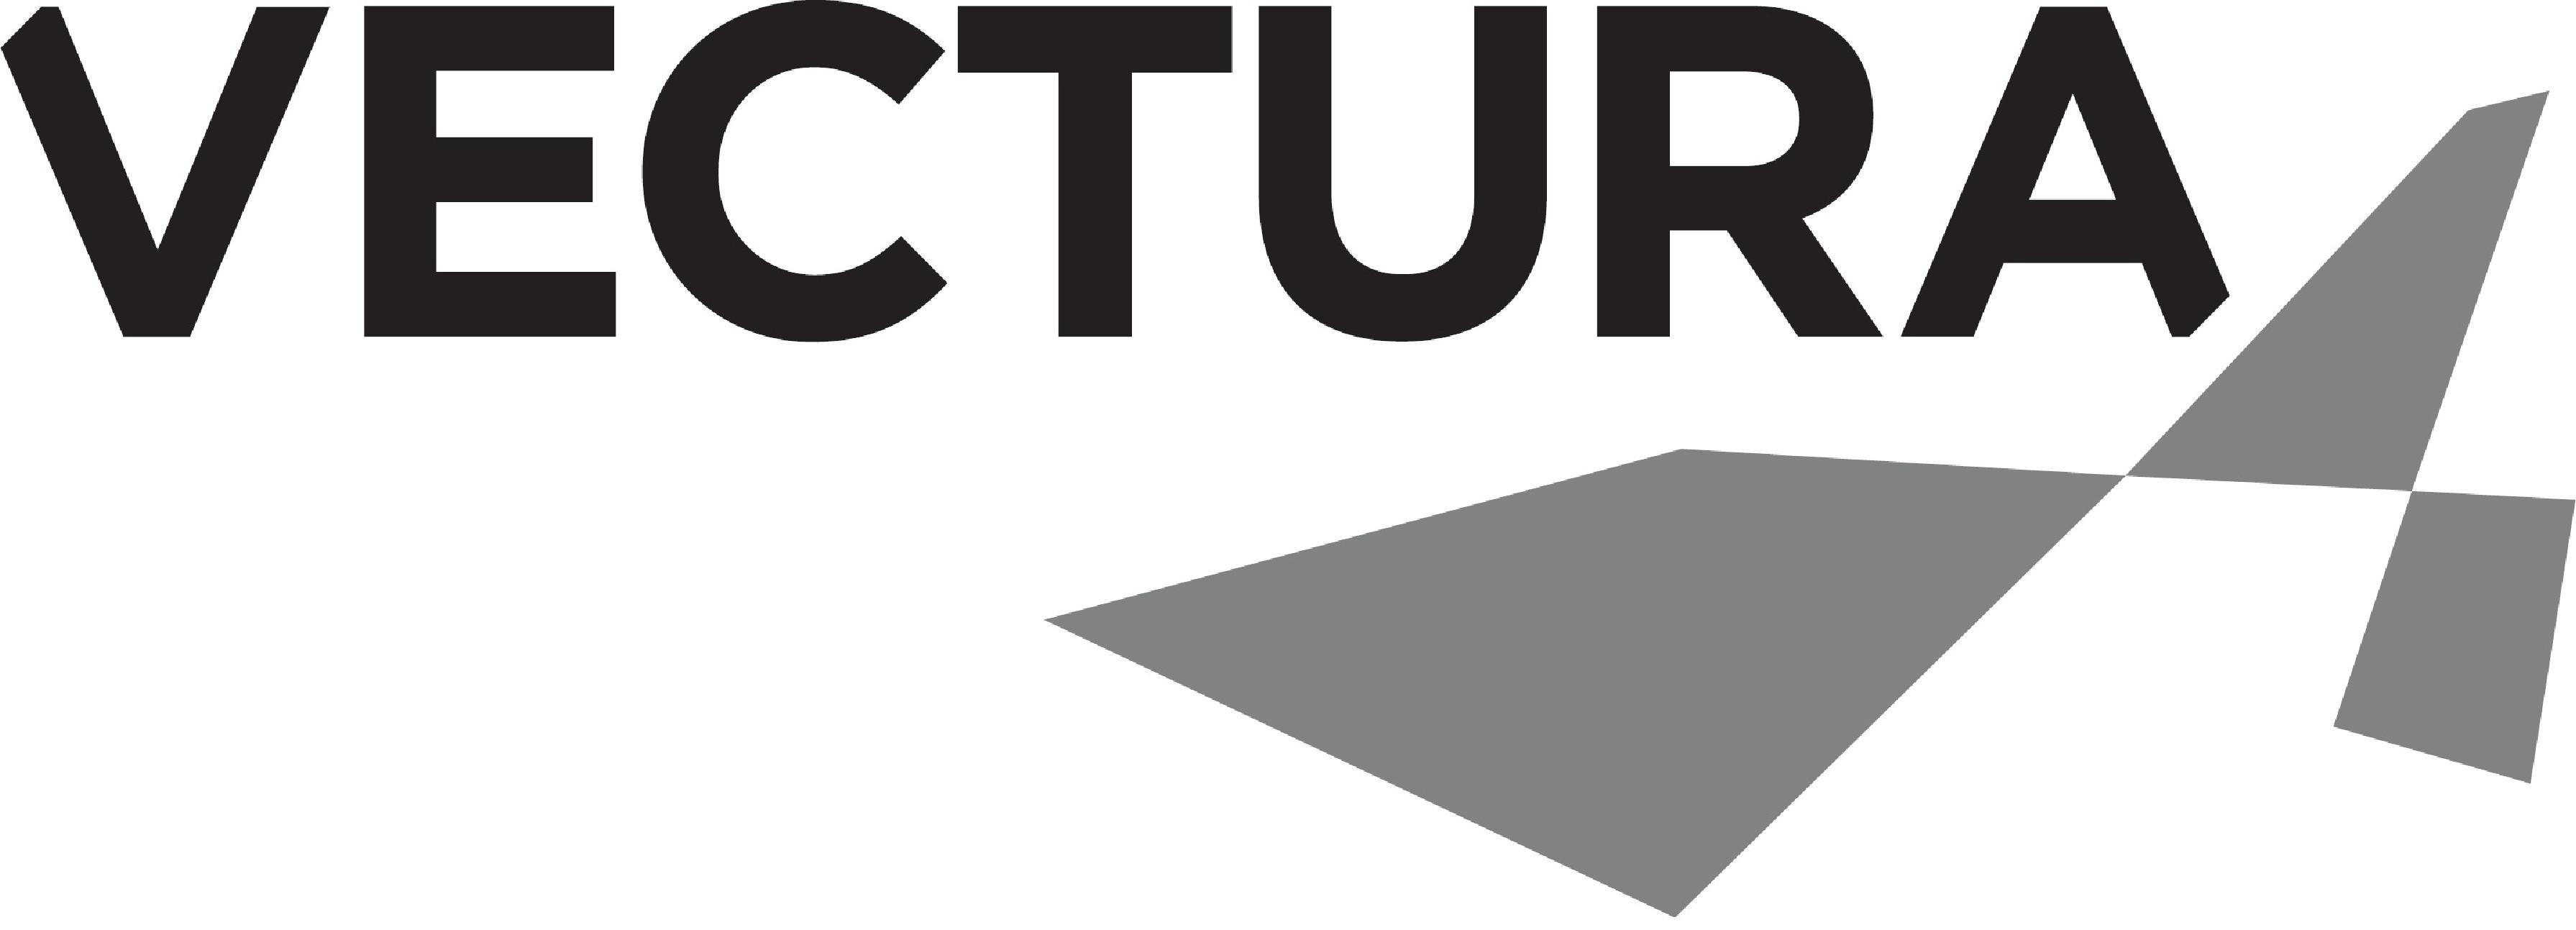 VECTURA-logo